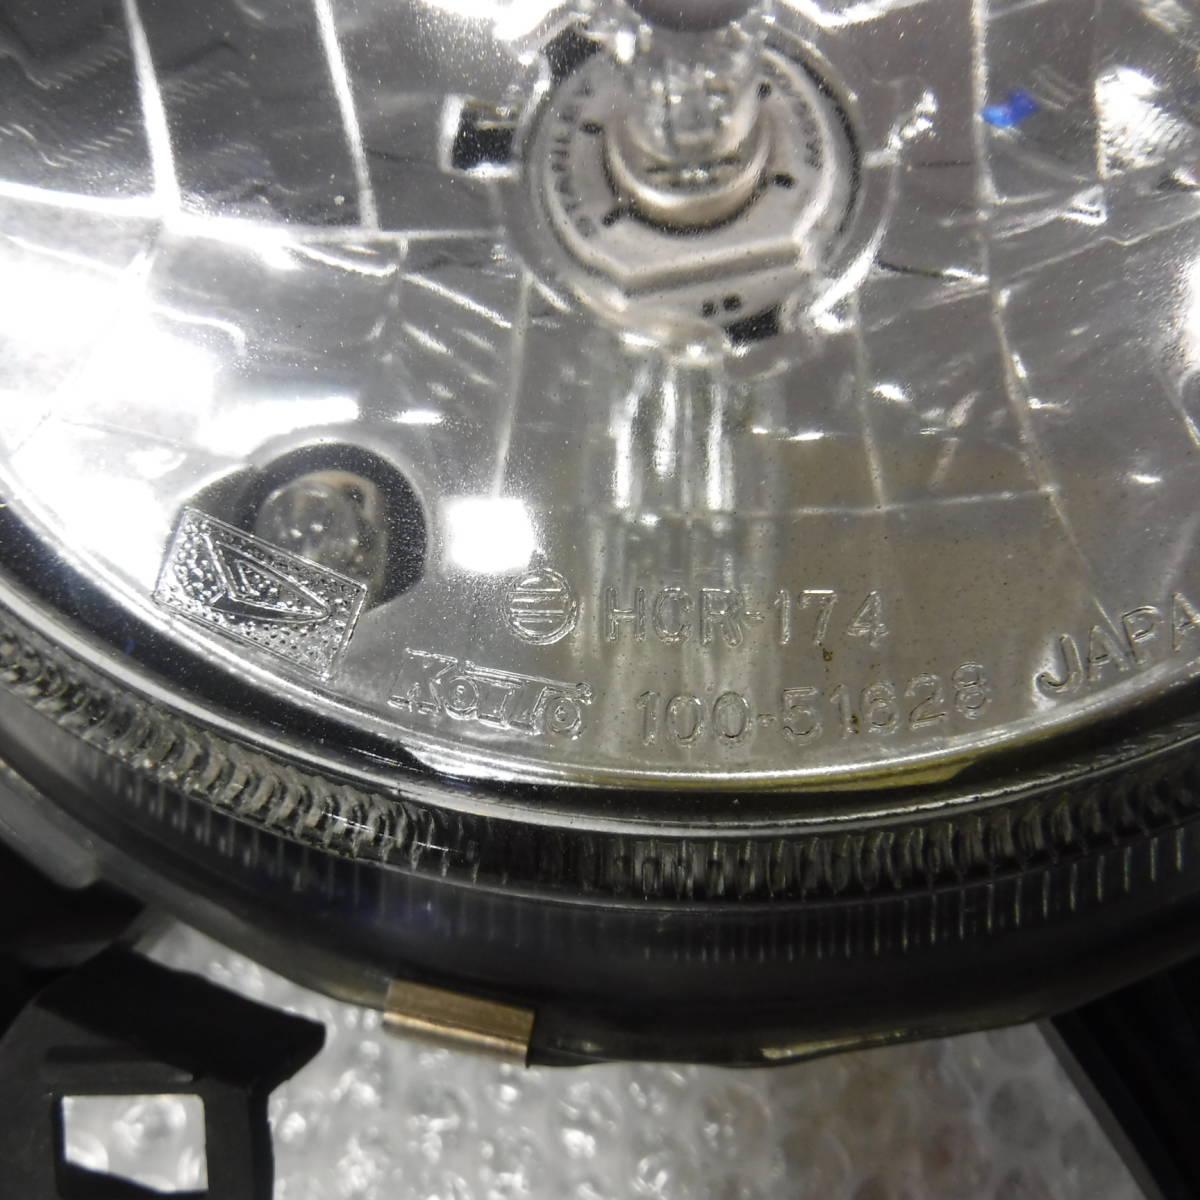 L900SムーヴカスタムL910S左ヘッドライト L902S純正ヘッドランプ 助手席側ライト ムーブ部品取り車あり_画像3